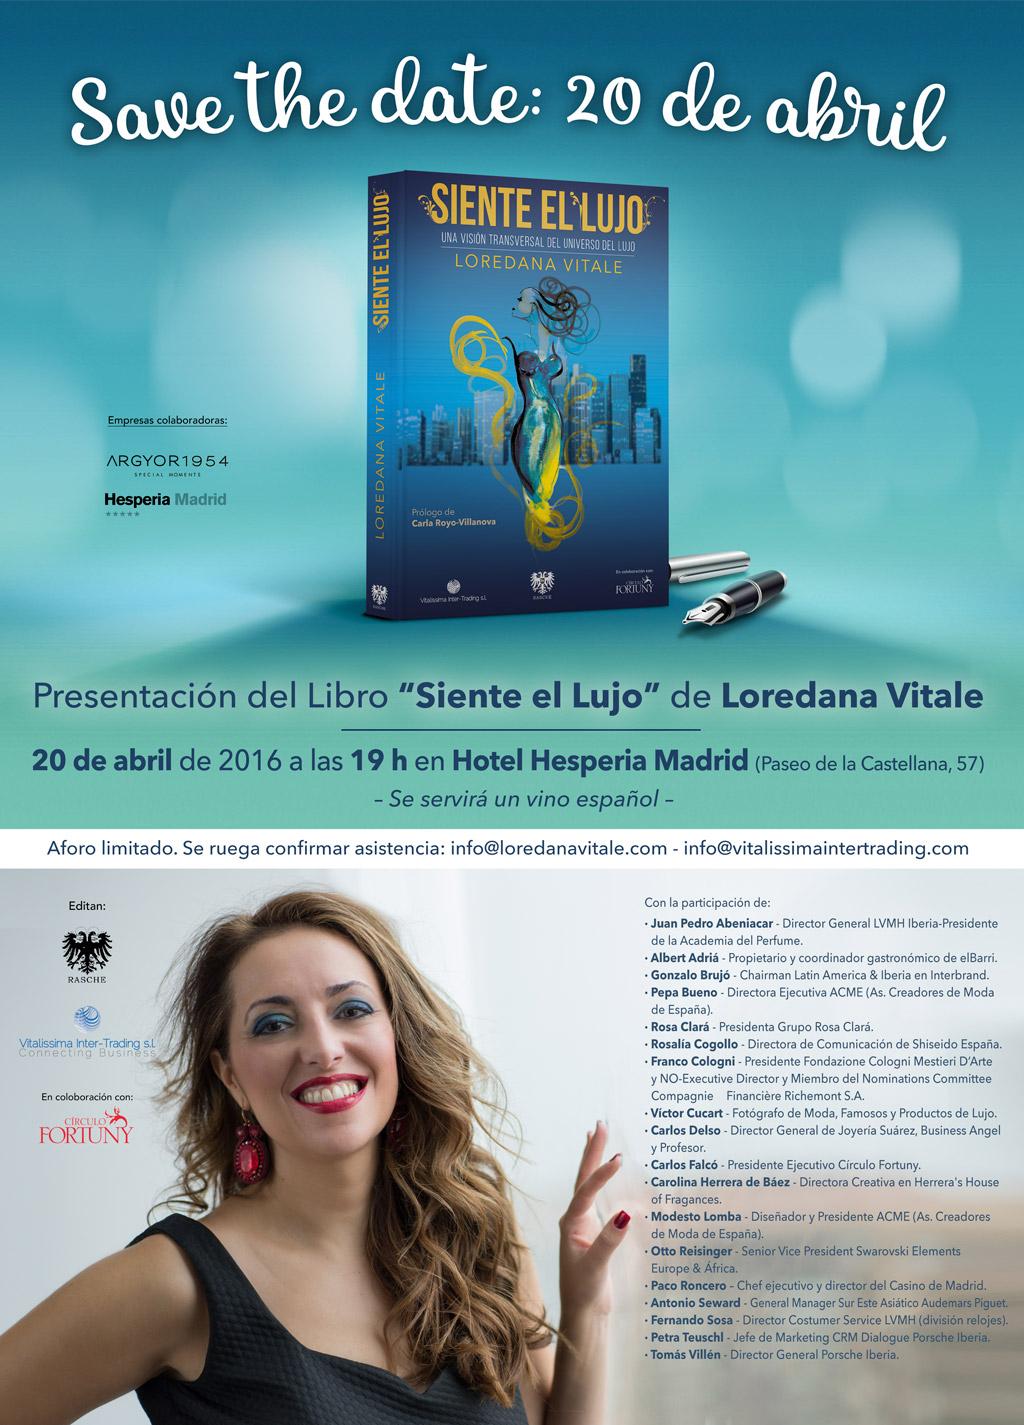 Siente el Lujo Save the Date presentación Madrid